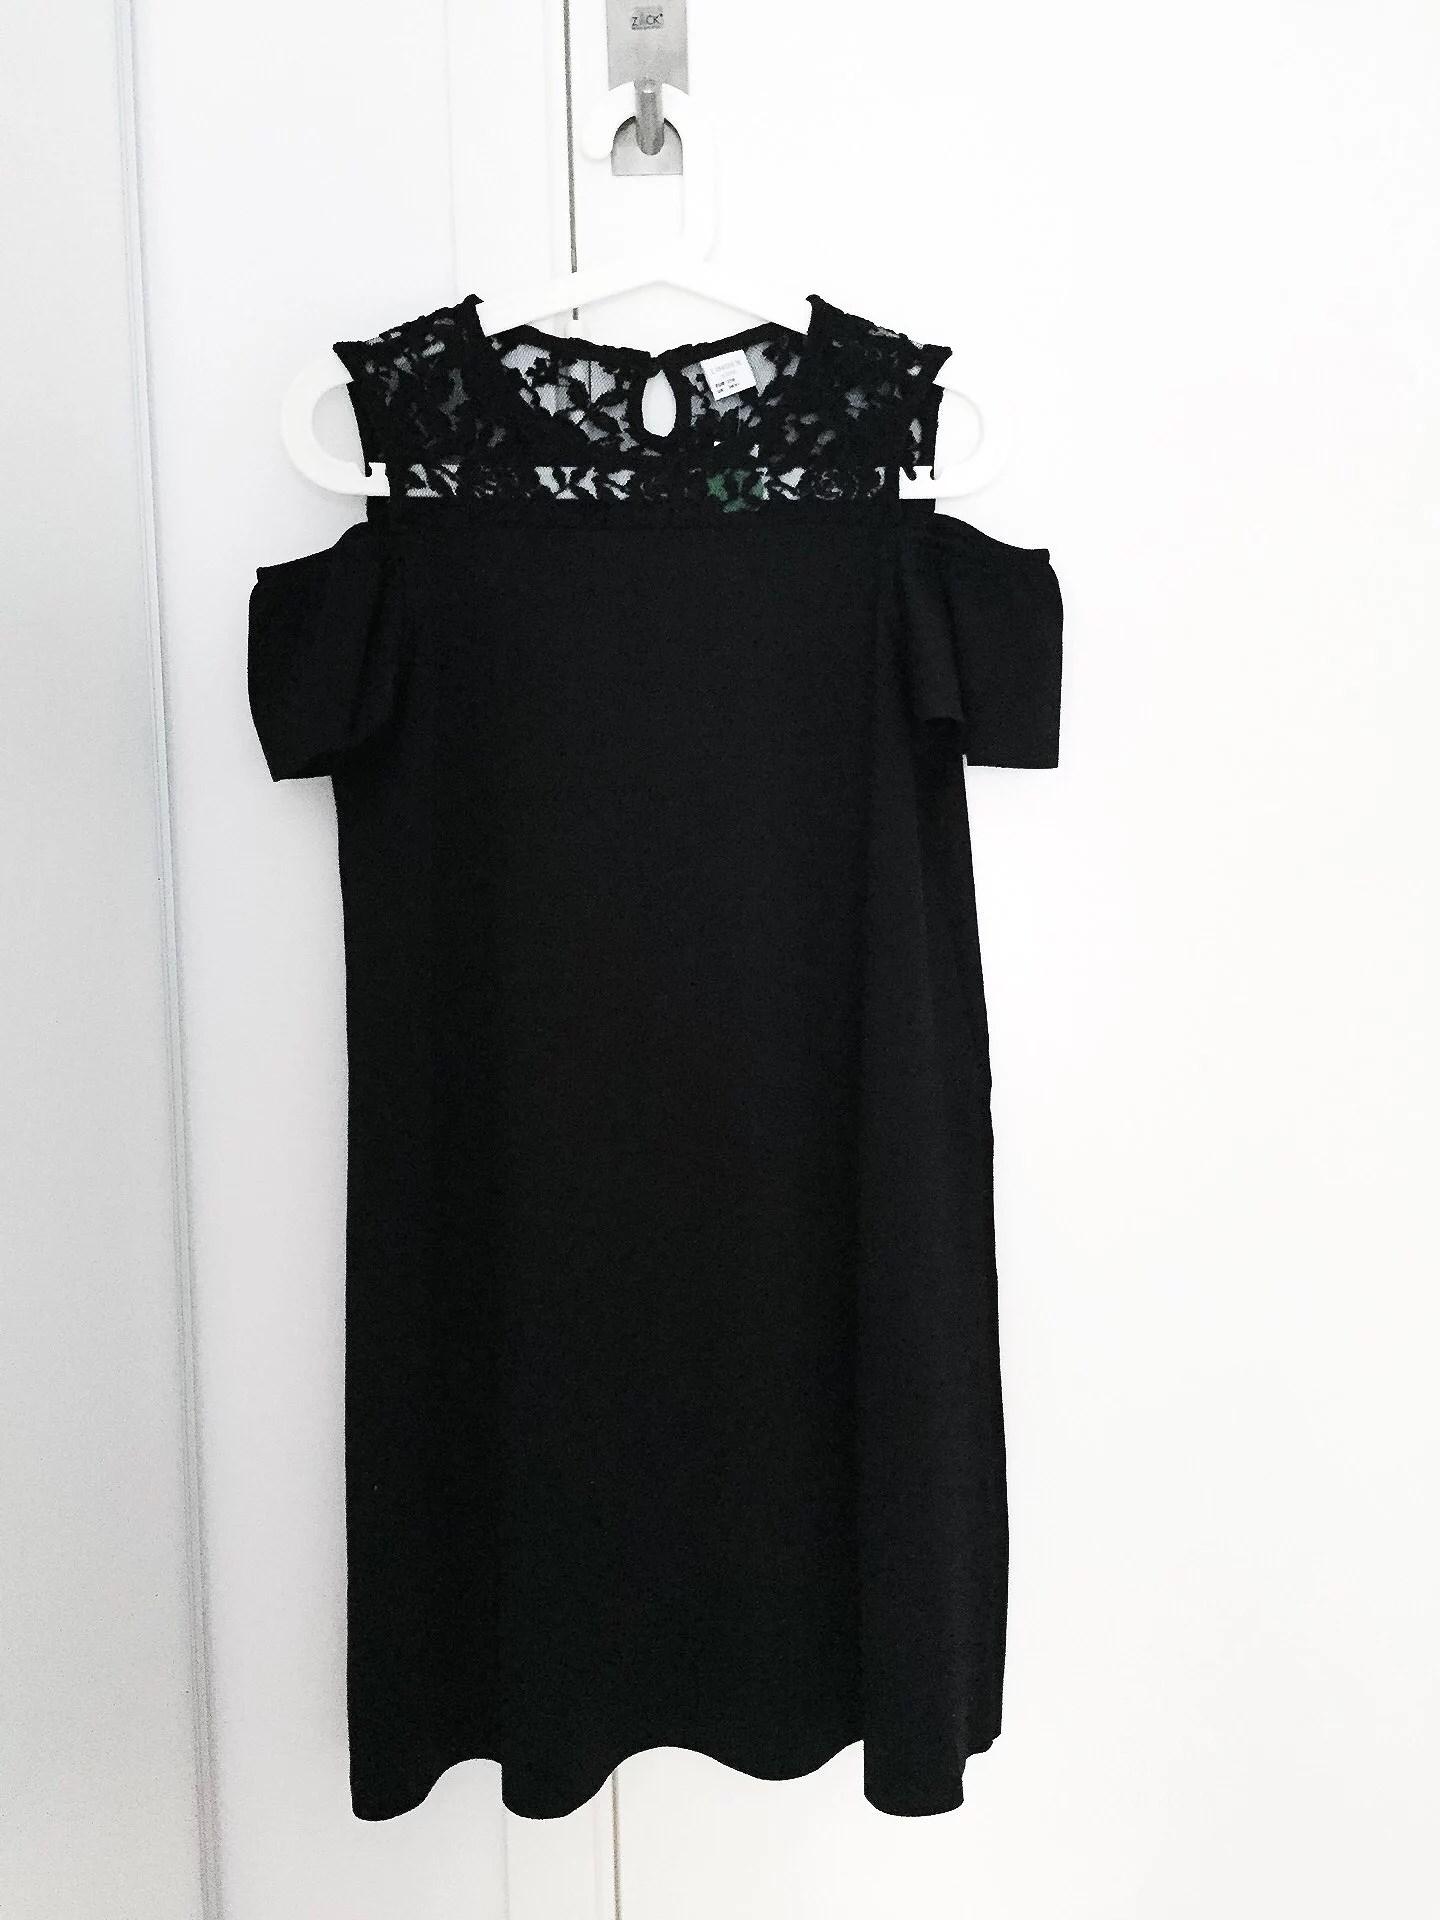 Kvällens klänning